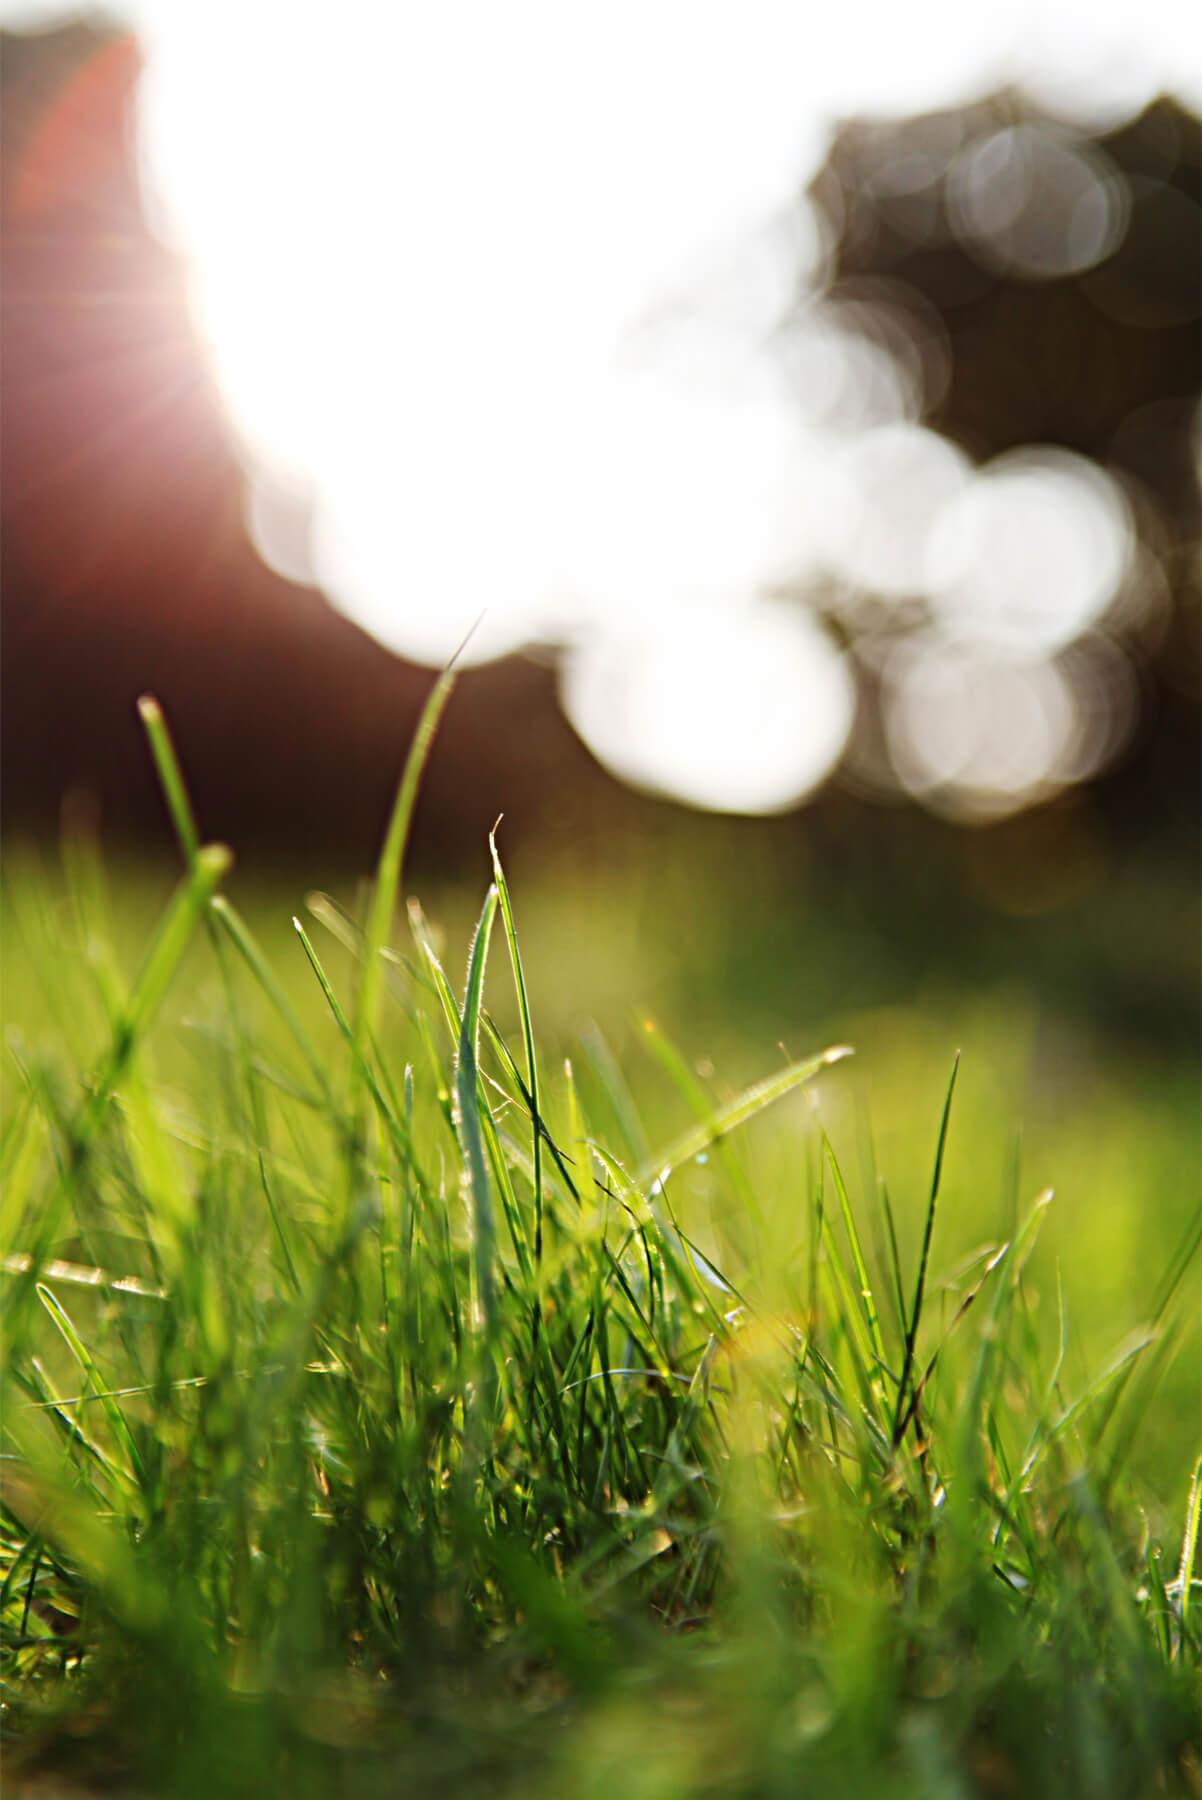 05-Grass